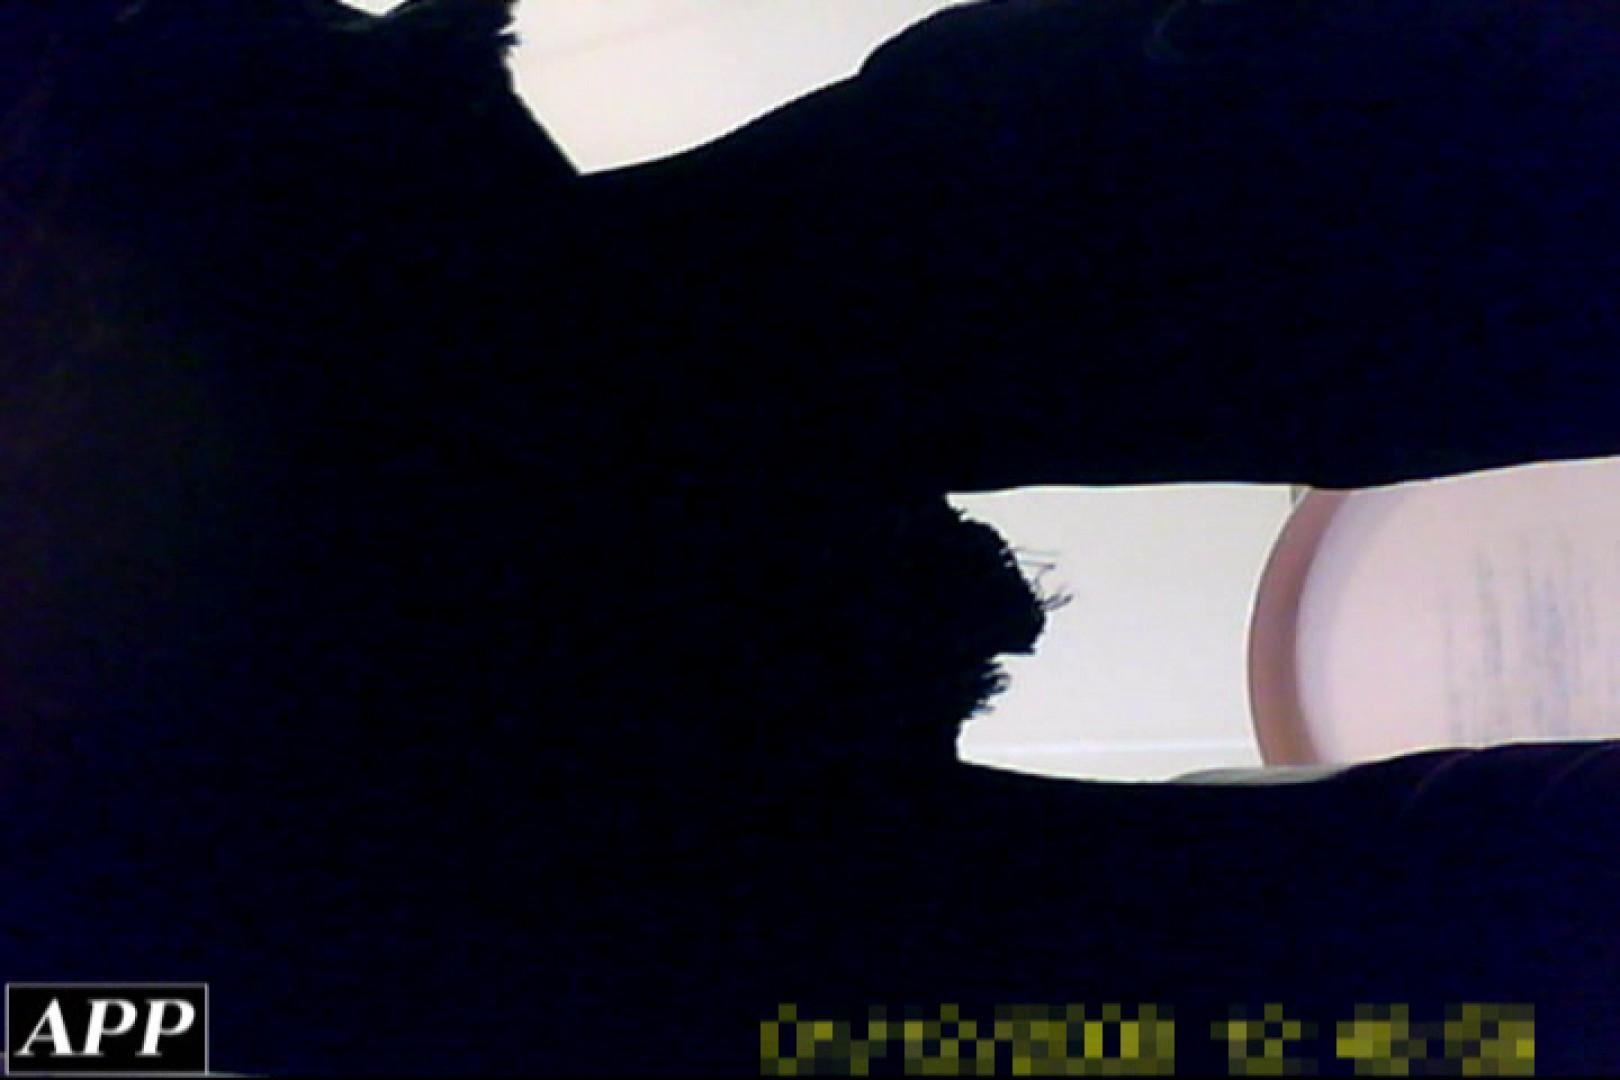 3視点洗面所 vol.061 OLヌード天国 | 洗面所  78PIX 25